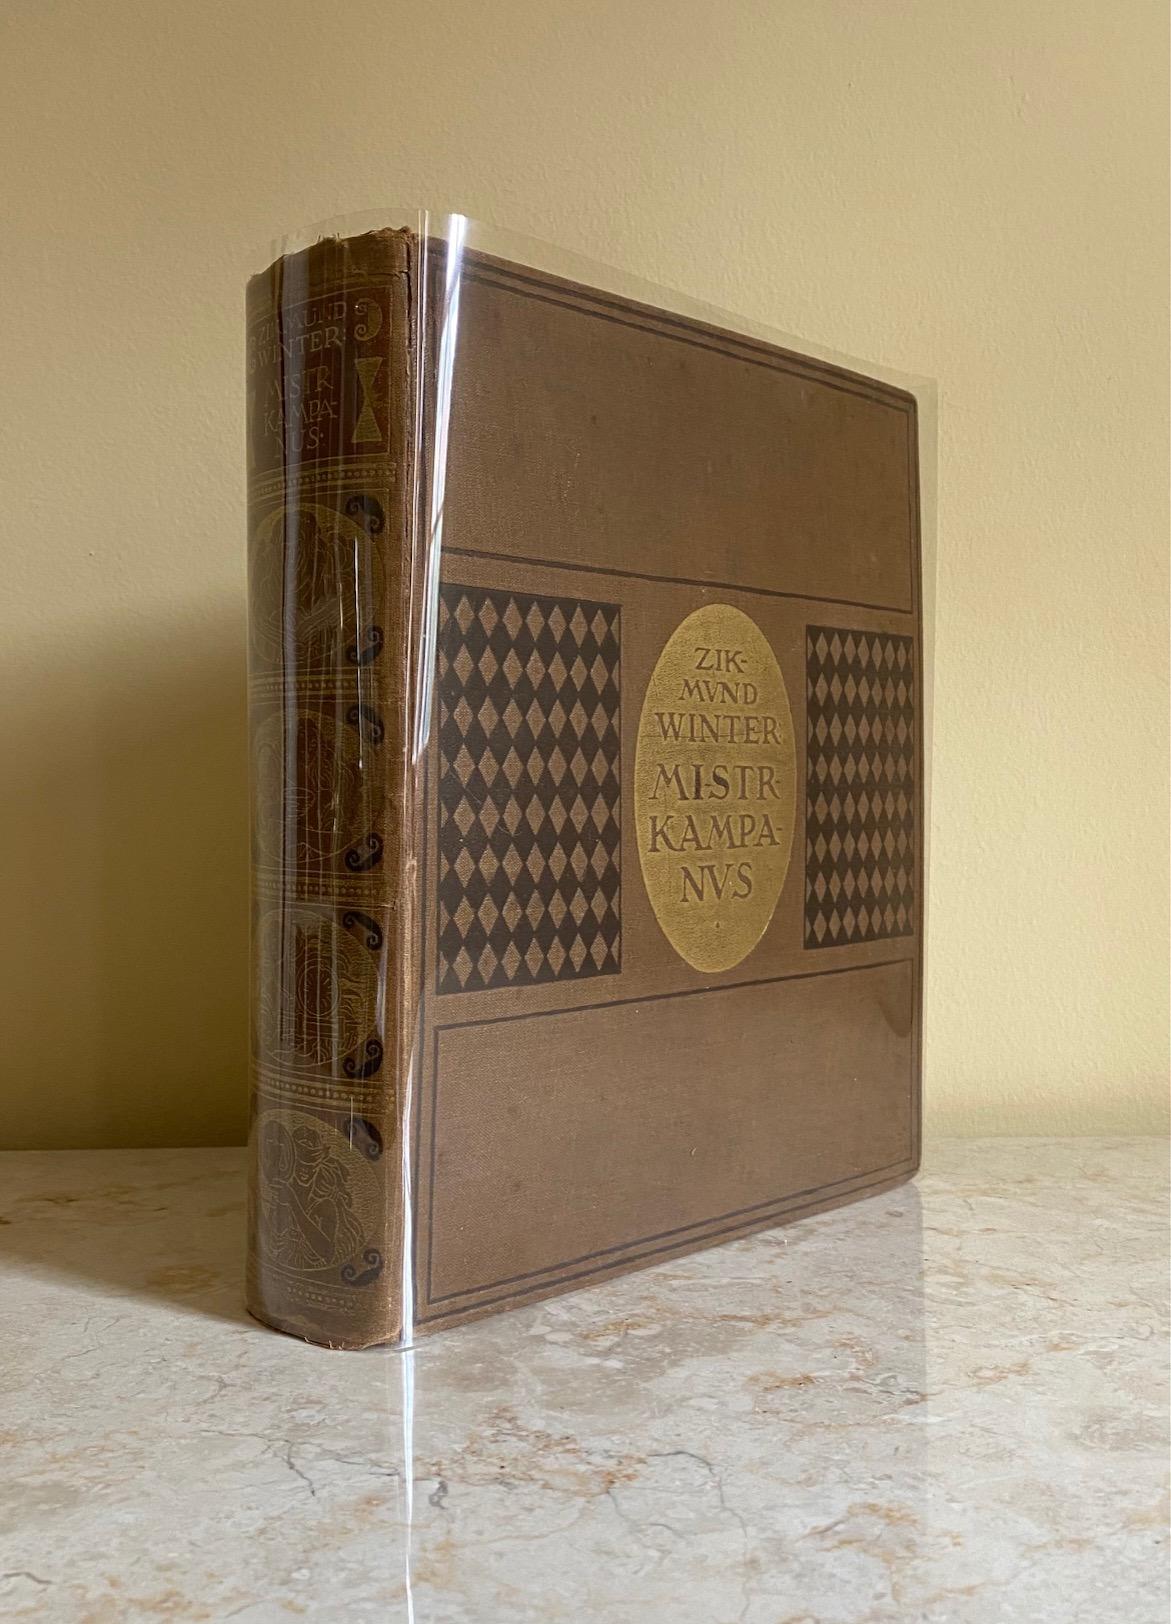 WINTER, ZIKMUND (CZECHOSLOVAKIAN WRITER AND HISTORIAN 1846-1912) ILLUSTRATED BY ADOLF KAšPAR (27 DECEMBER 1877 IN BLUDOV - 29 JUNE 1934 IN ŽELEZNÁ RUDA), WAS A CZECH PAINTER AND ILLUSTRATOR. - Mistr Kampanus | Historicky Obraz